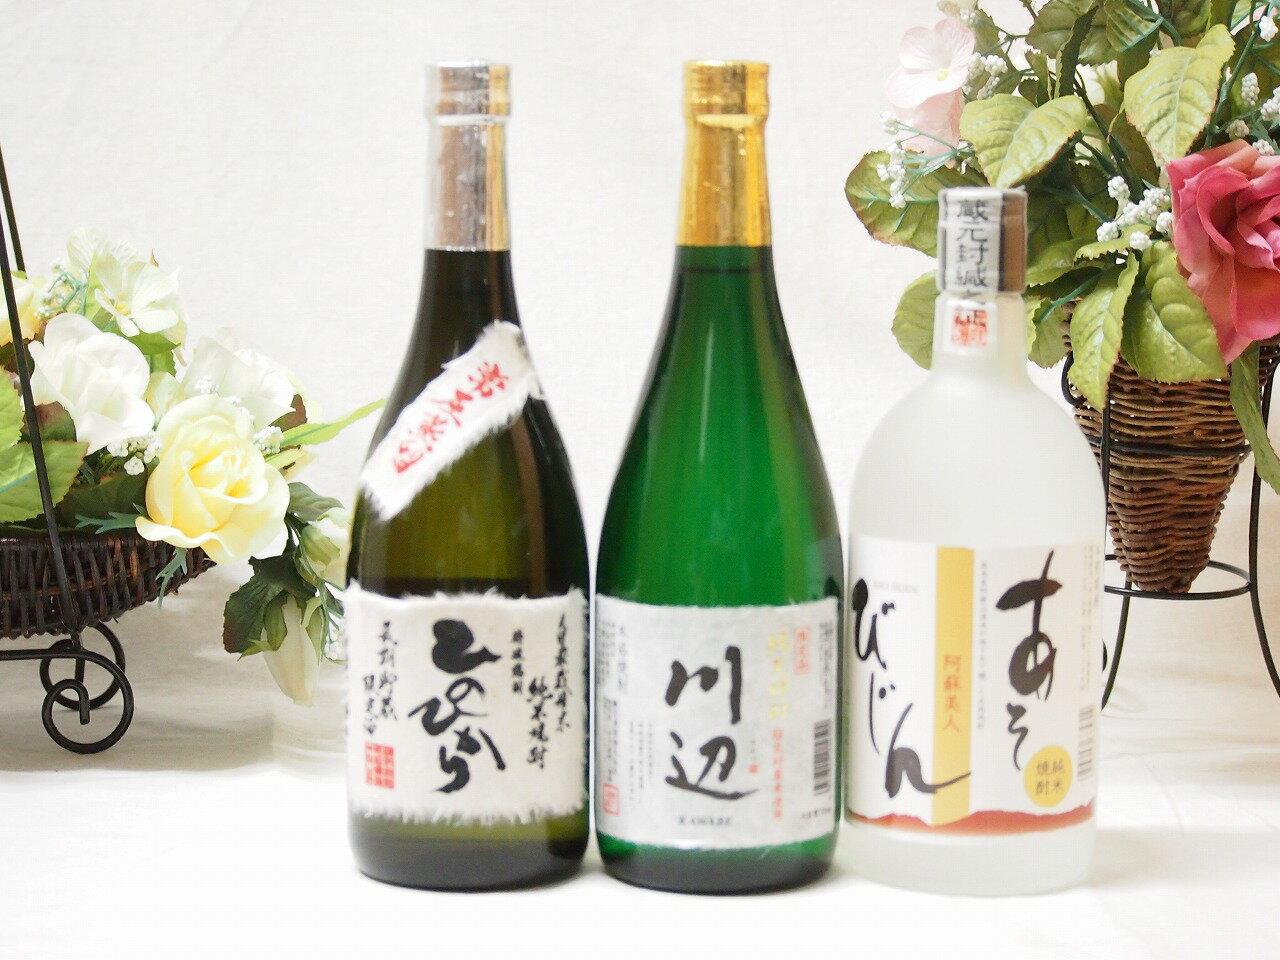 米焼酎の本場熊本県より『芳醇で旨みゆたかな米焼酎福袋』720ml×3本